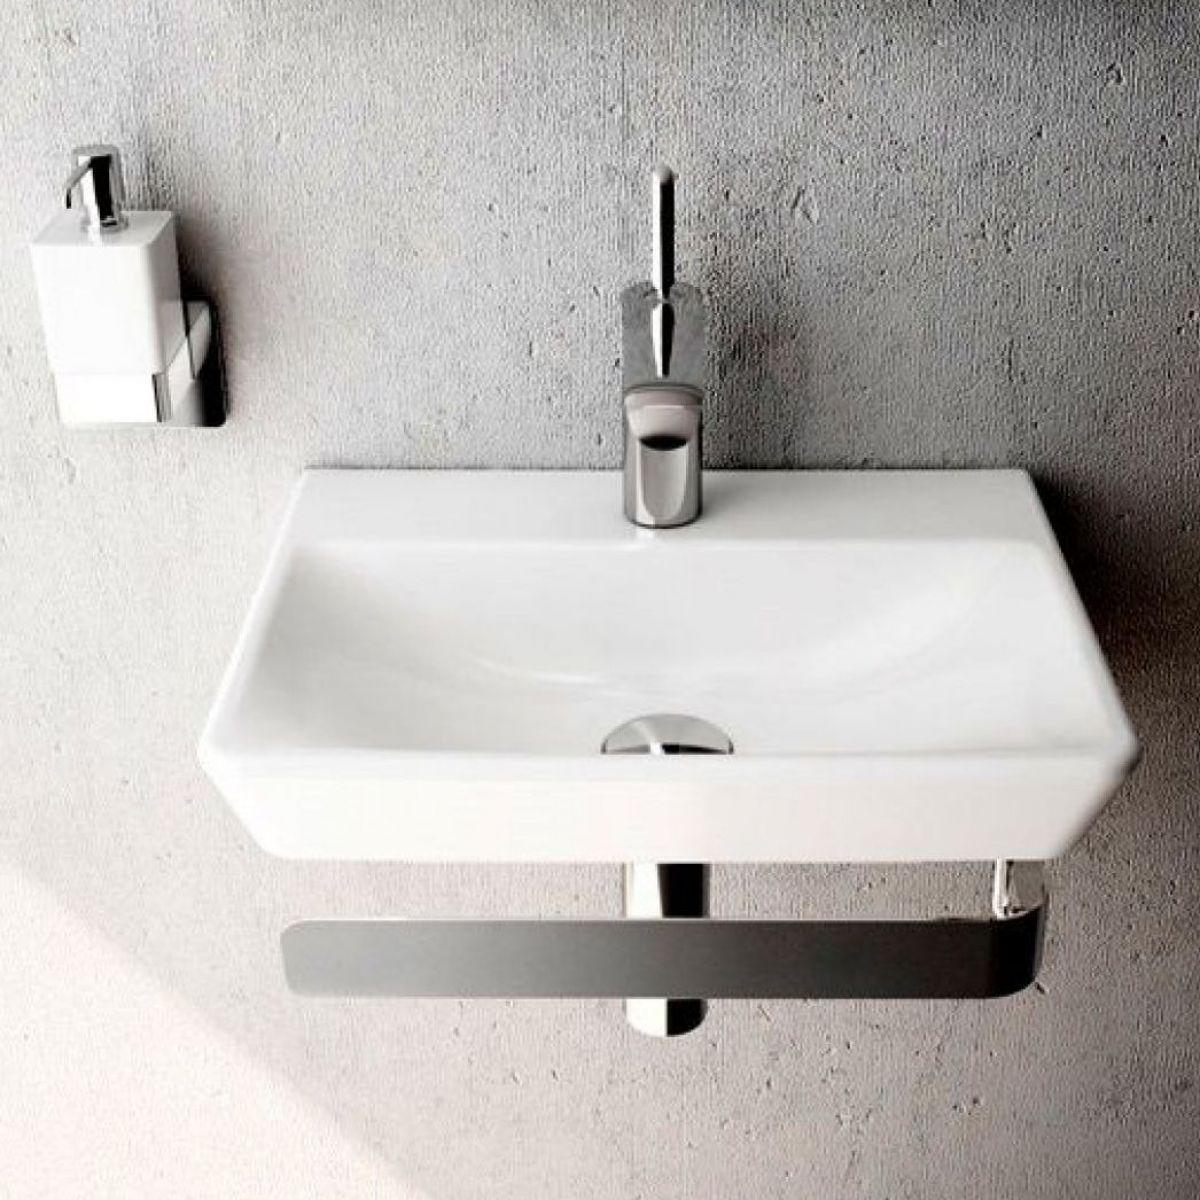 Vitra T4 Cloakroom Basin - 450mm | Cloakroom basin, Vitra ...